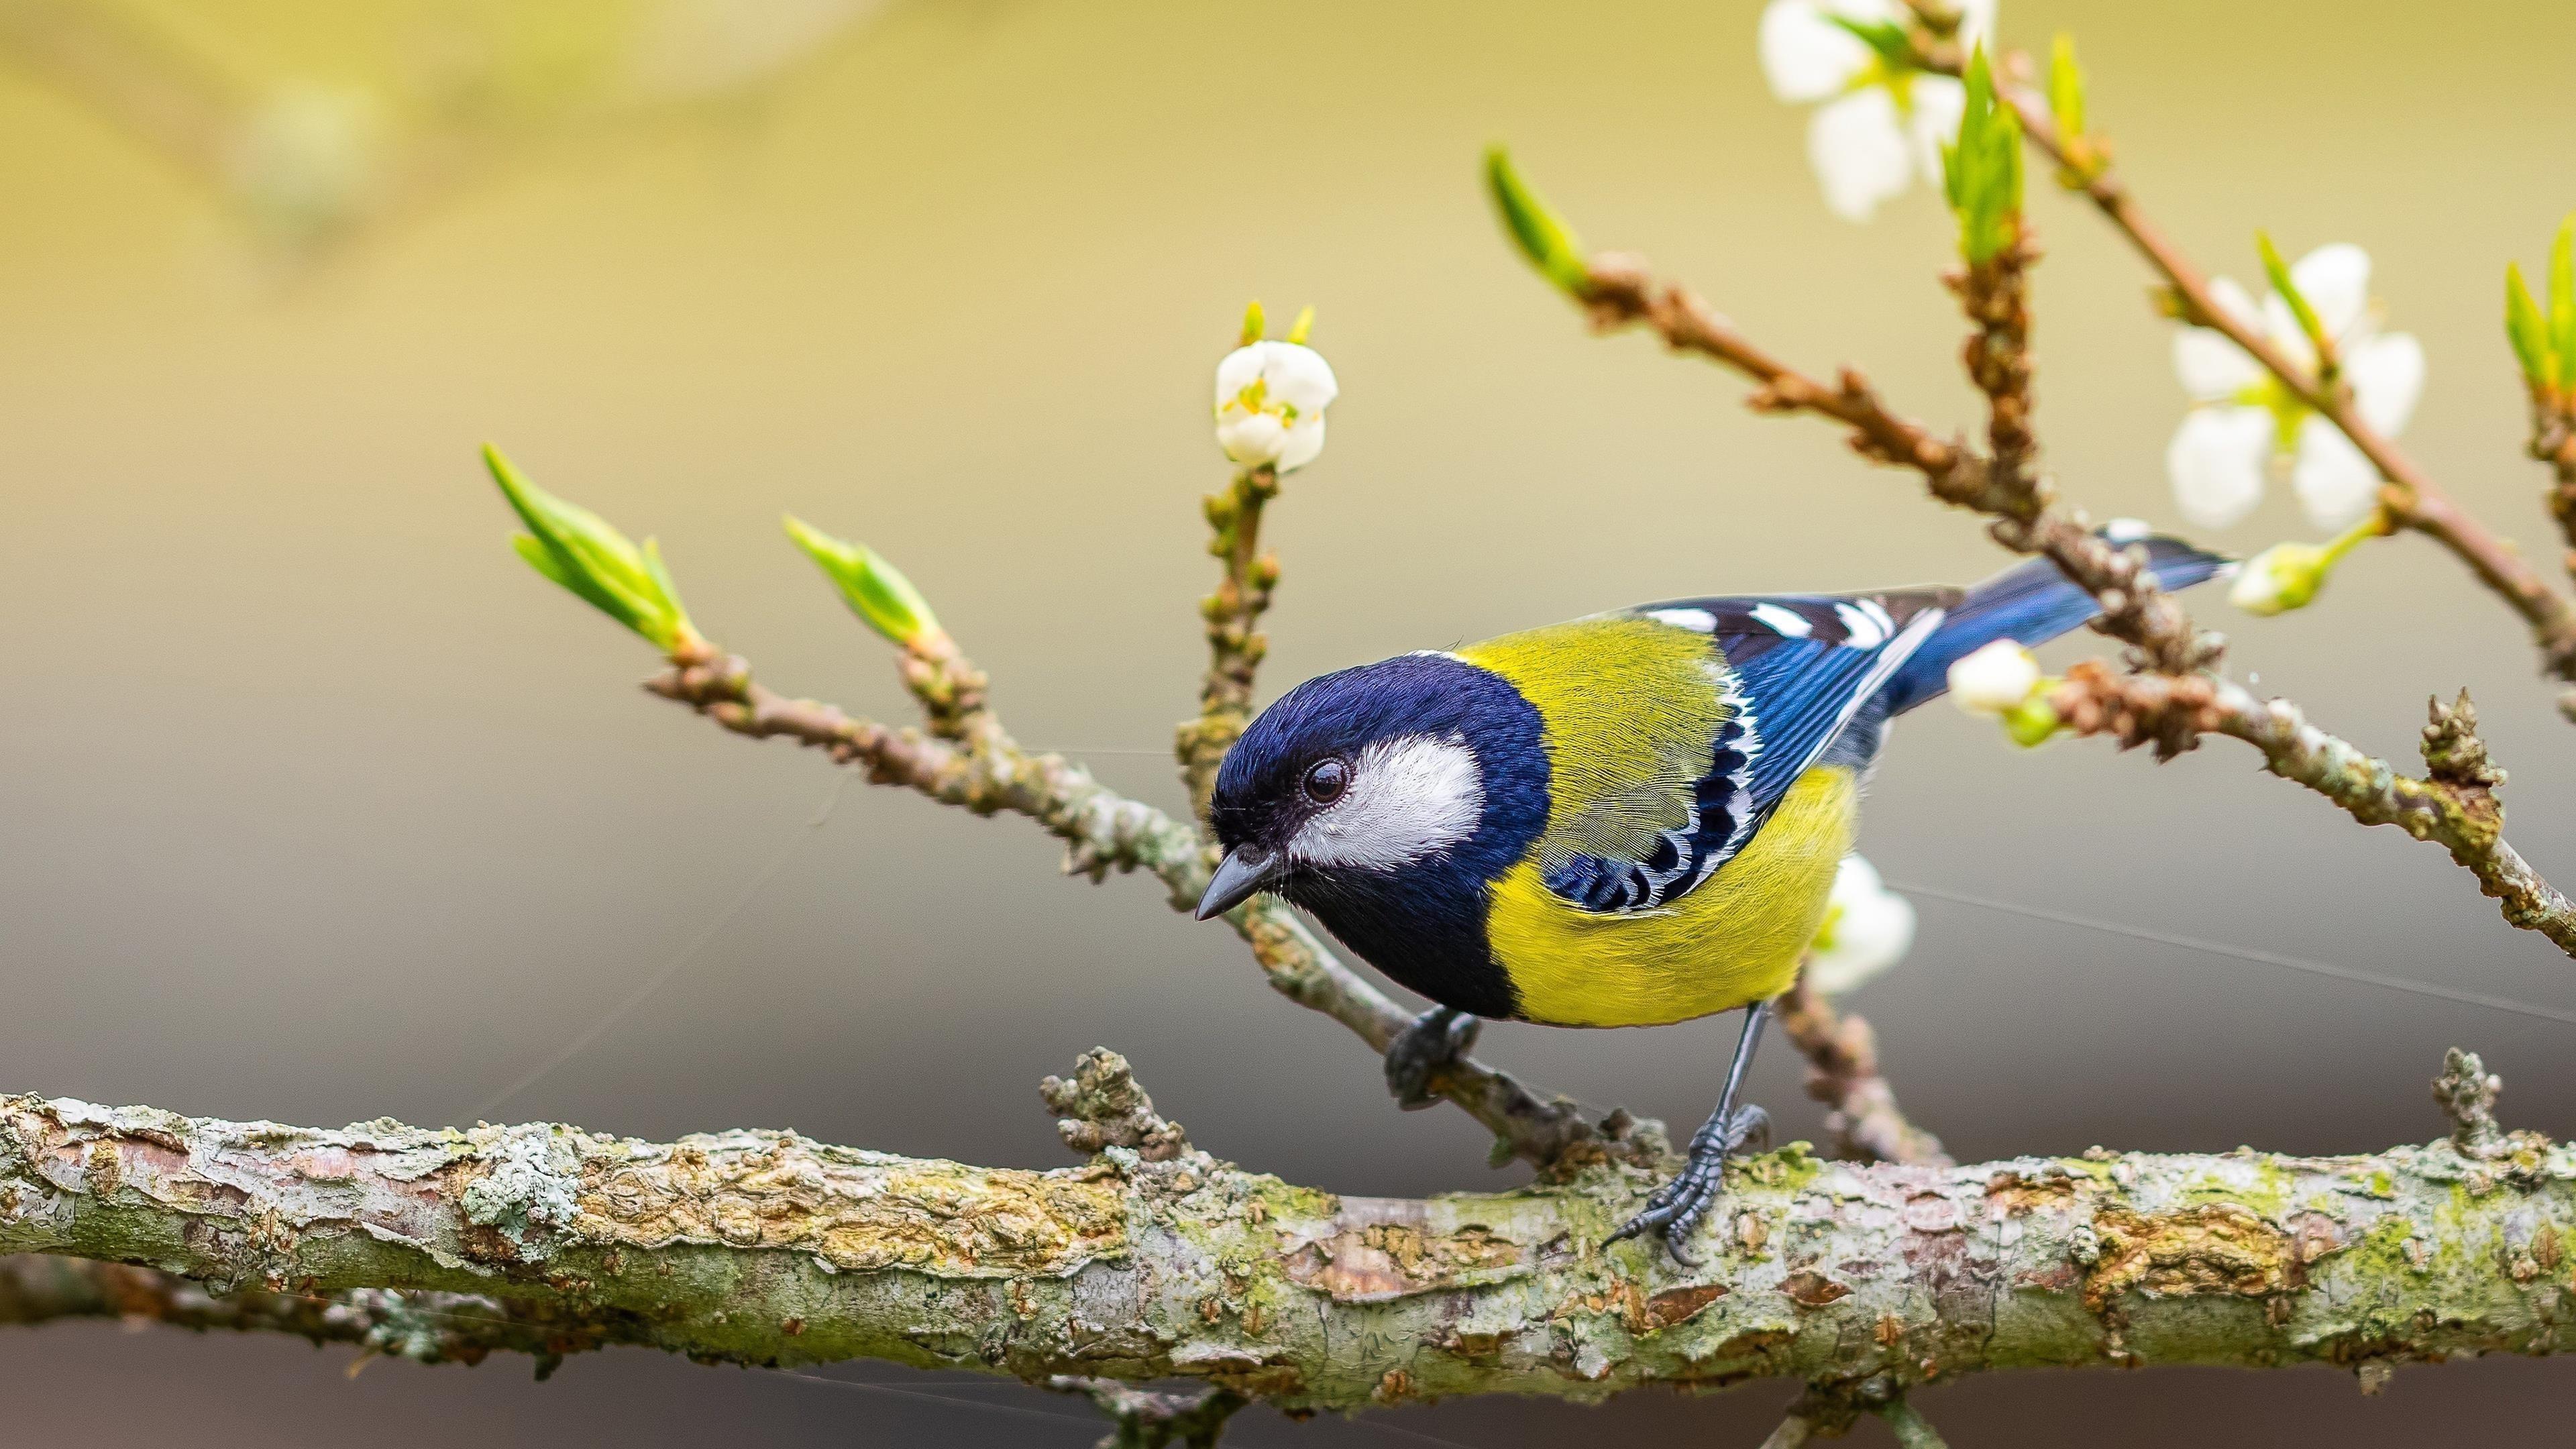 Желто синяя синица стоит на ветке дерева в желтом размытом фоне птицы обои скачать